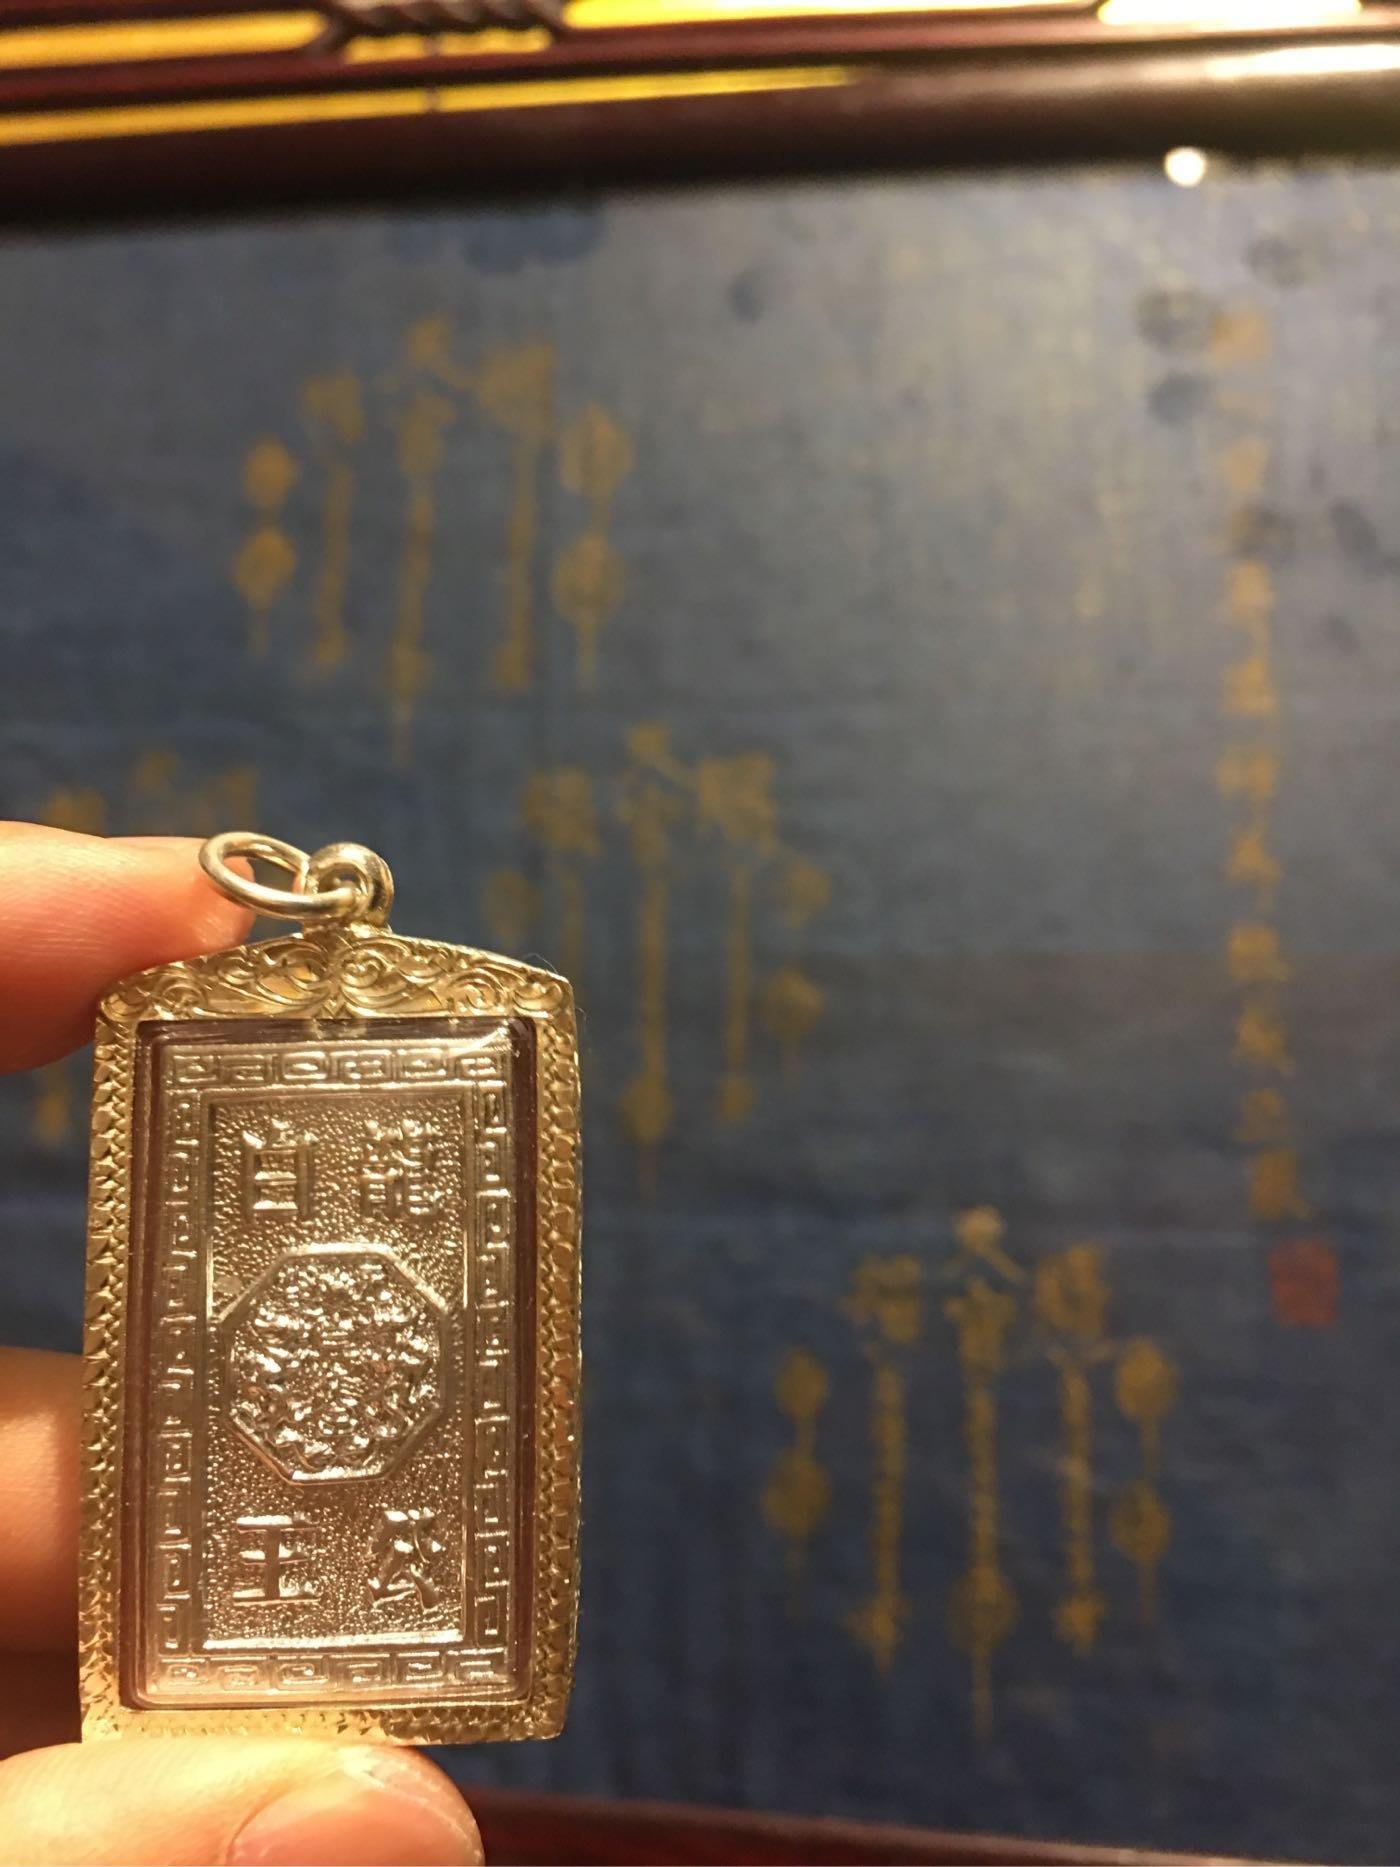 拳必達泰品事業 白龍王 五條經文命牌 請供請認明鑑定卡 以防山寨假貨